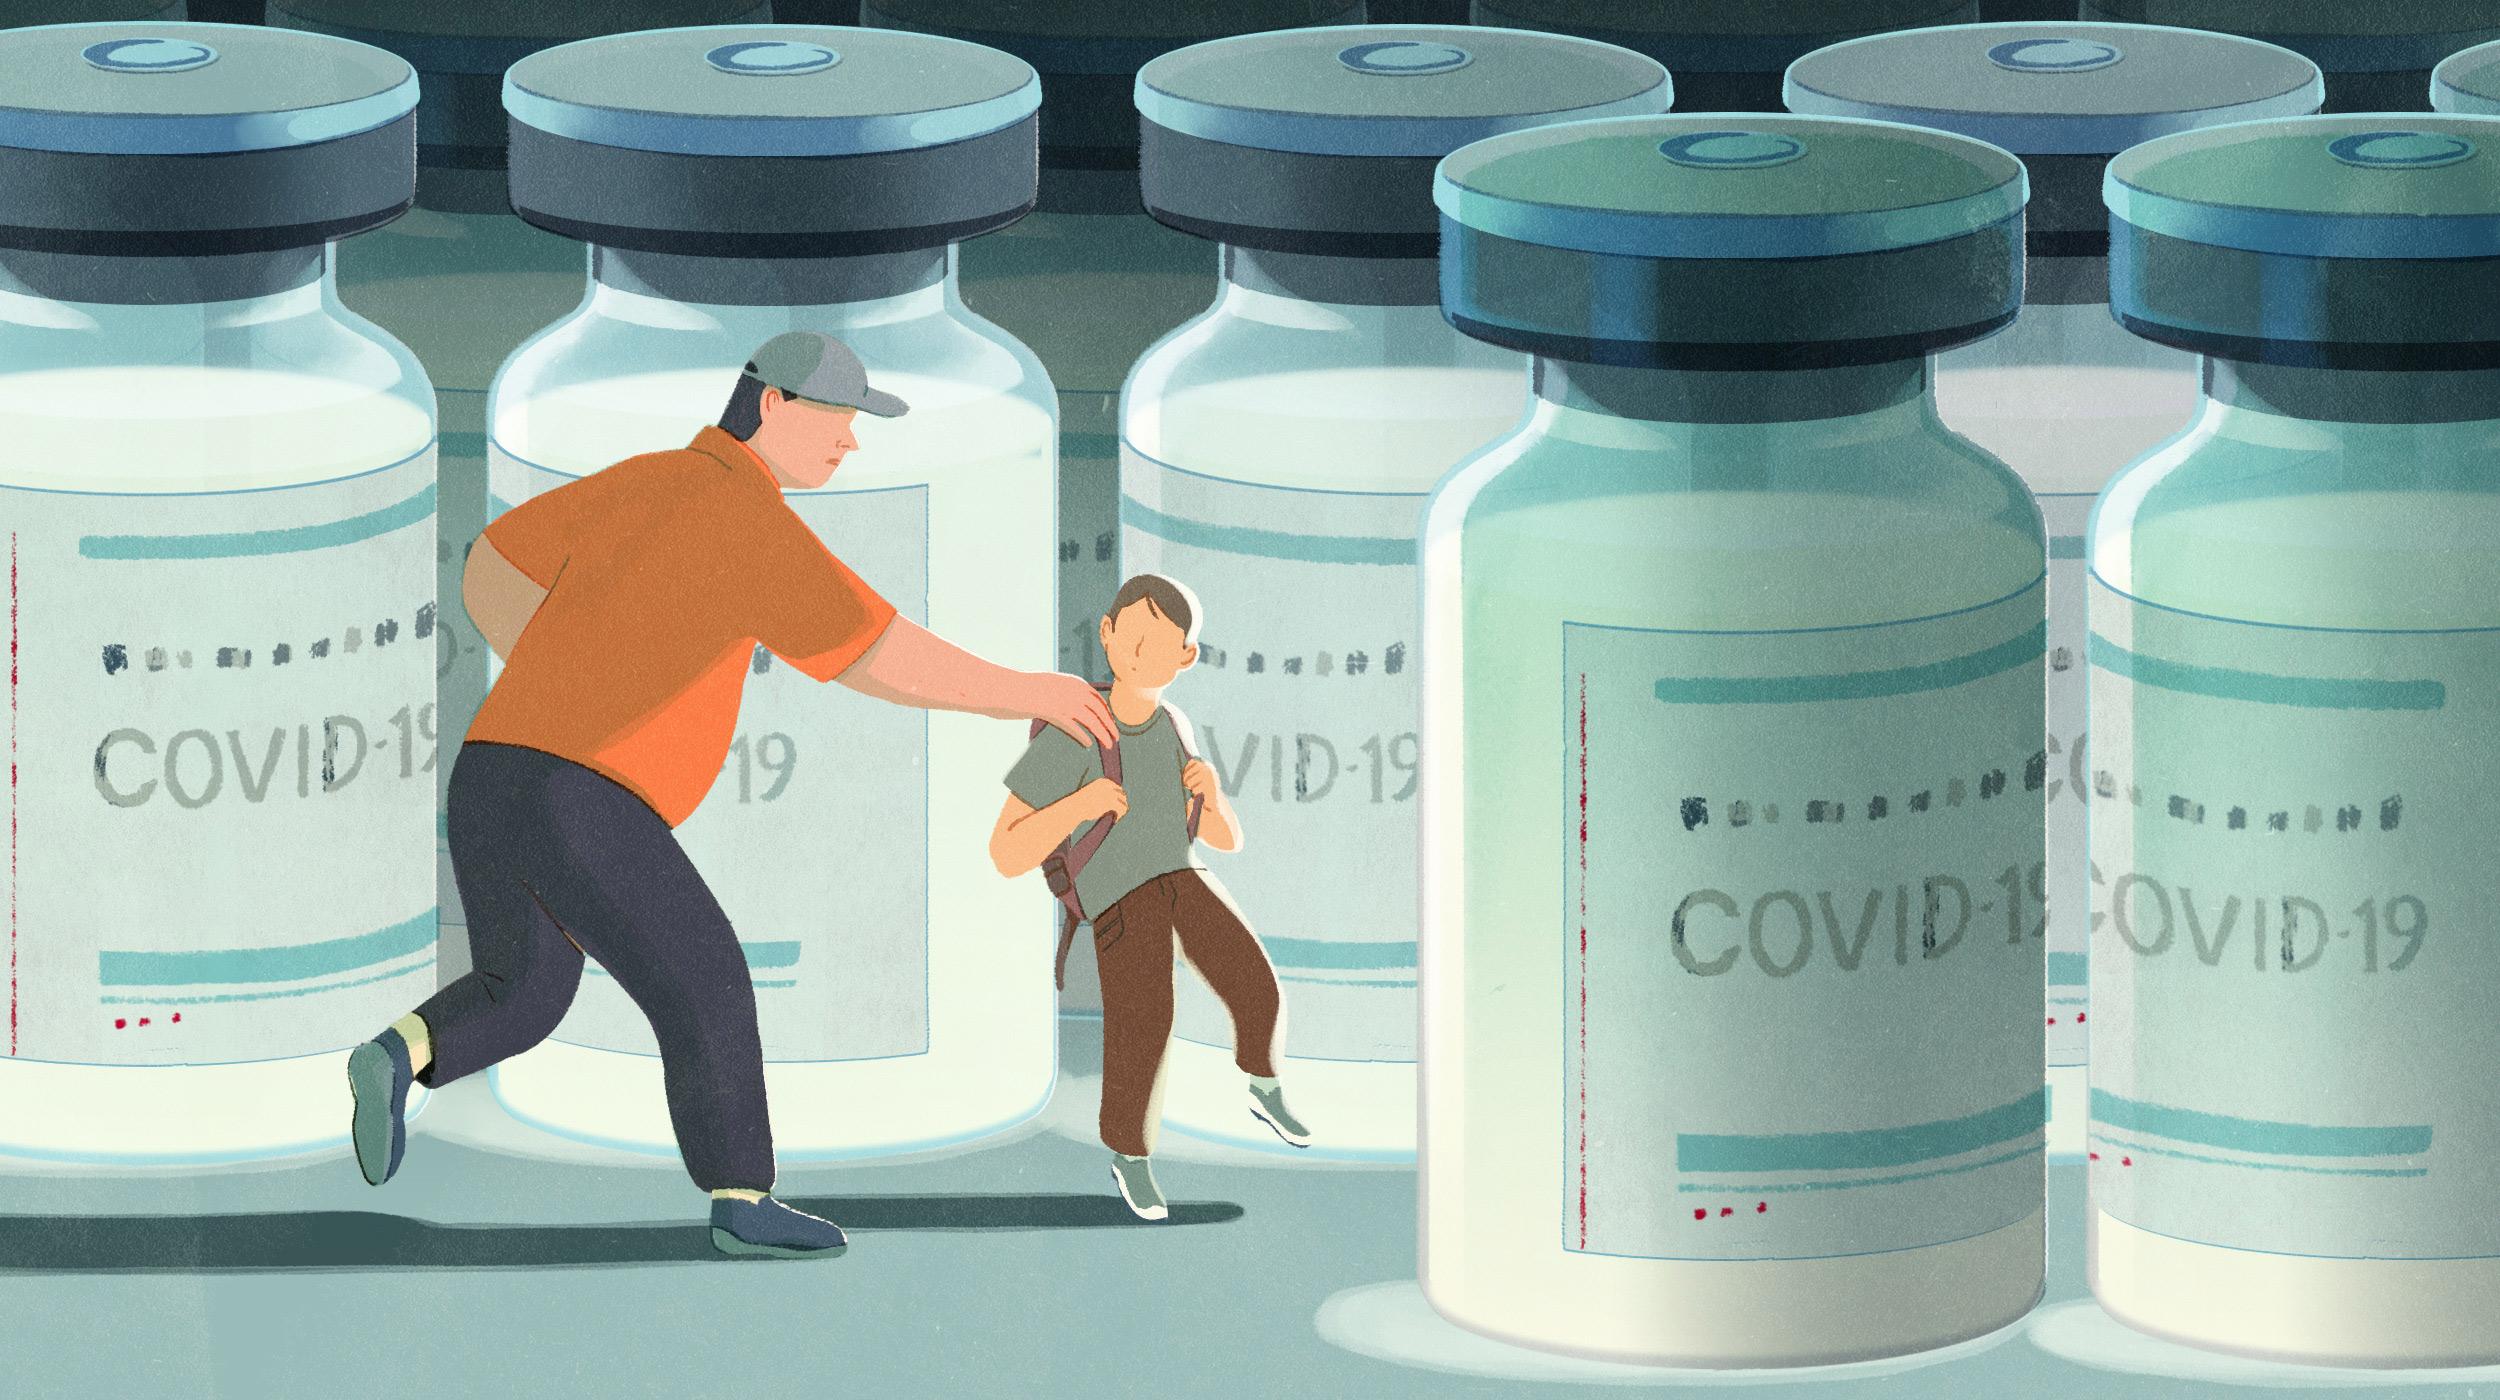 Εμβόλιο κορωνοϊός ανοσοποιητικό: Ο δισταγμός και ο προβληματισμός των επιστημόνων